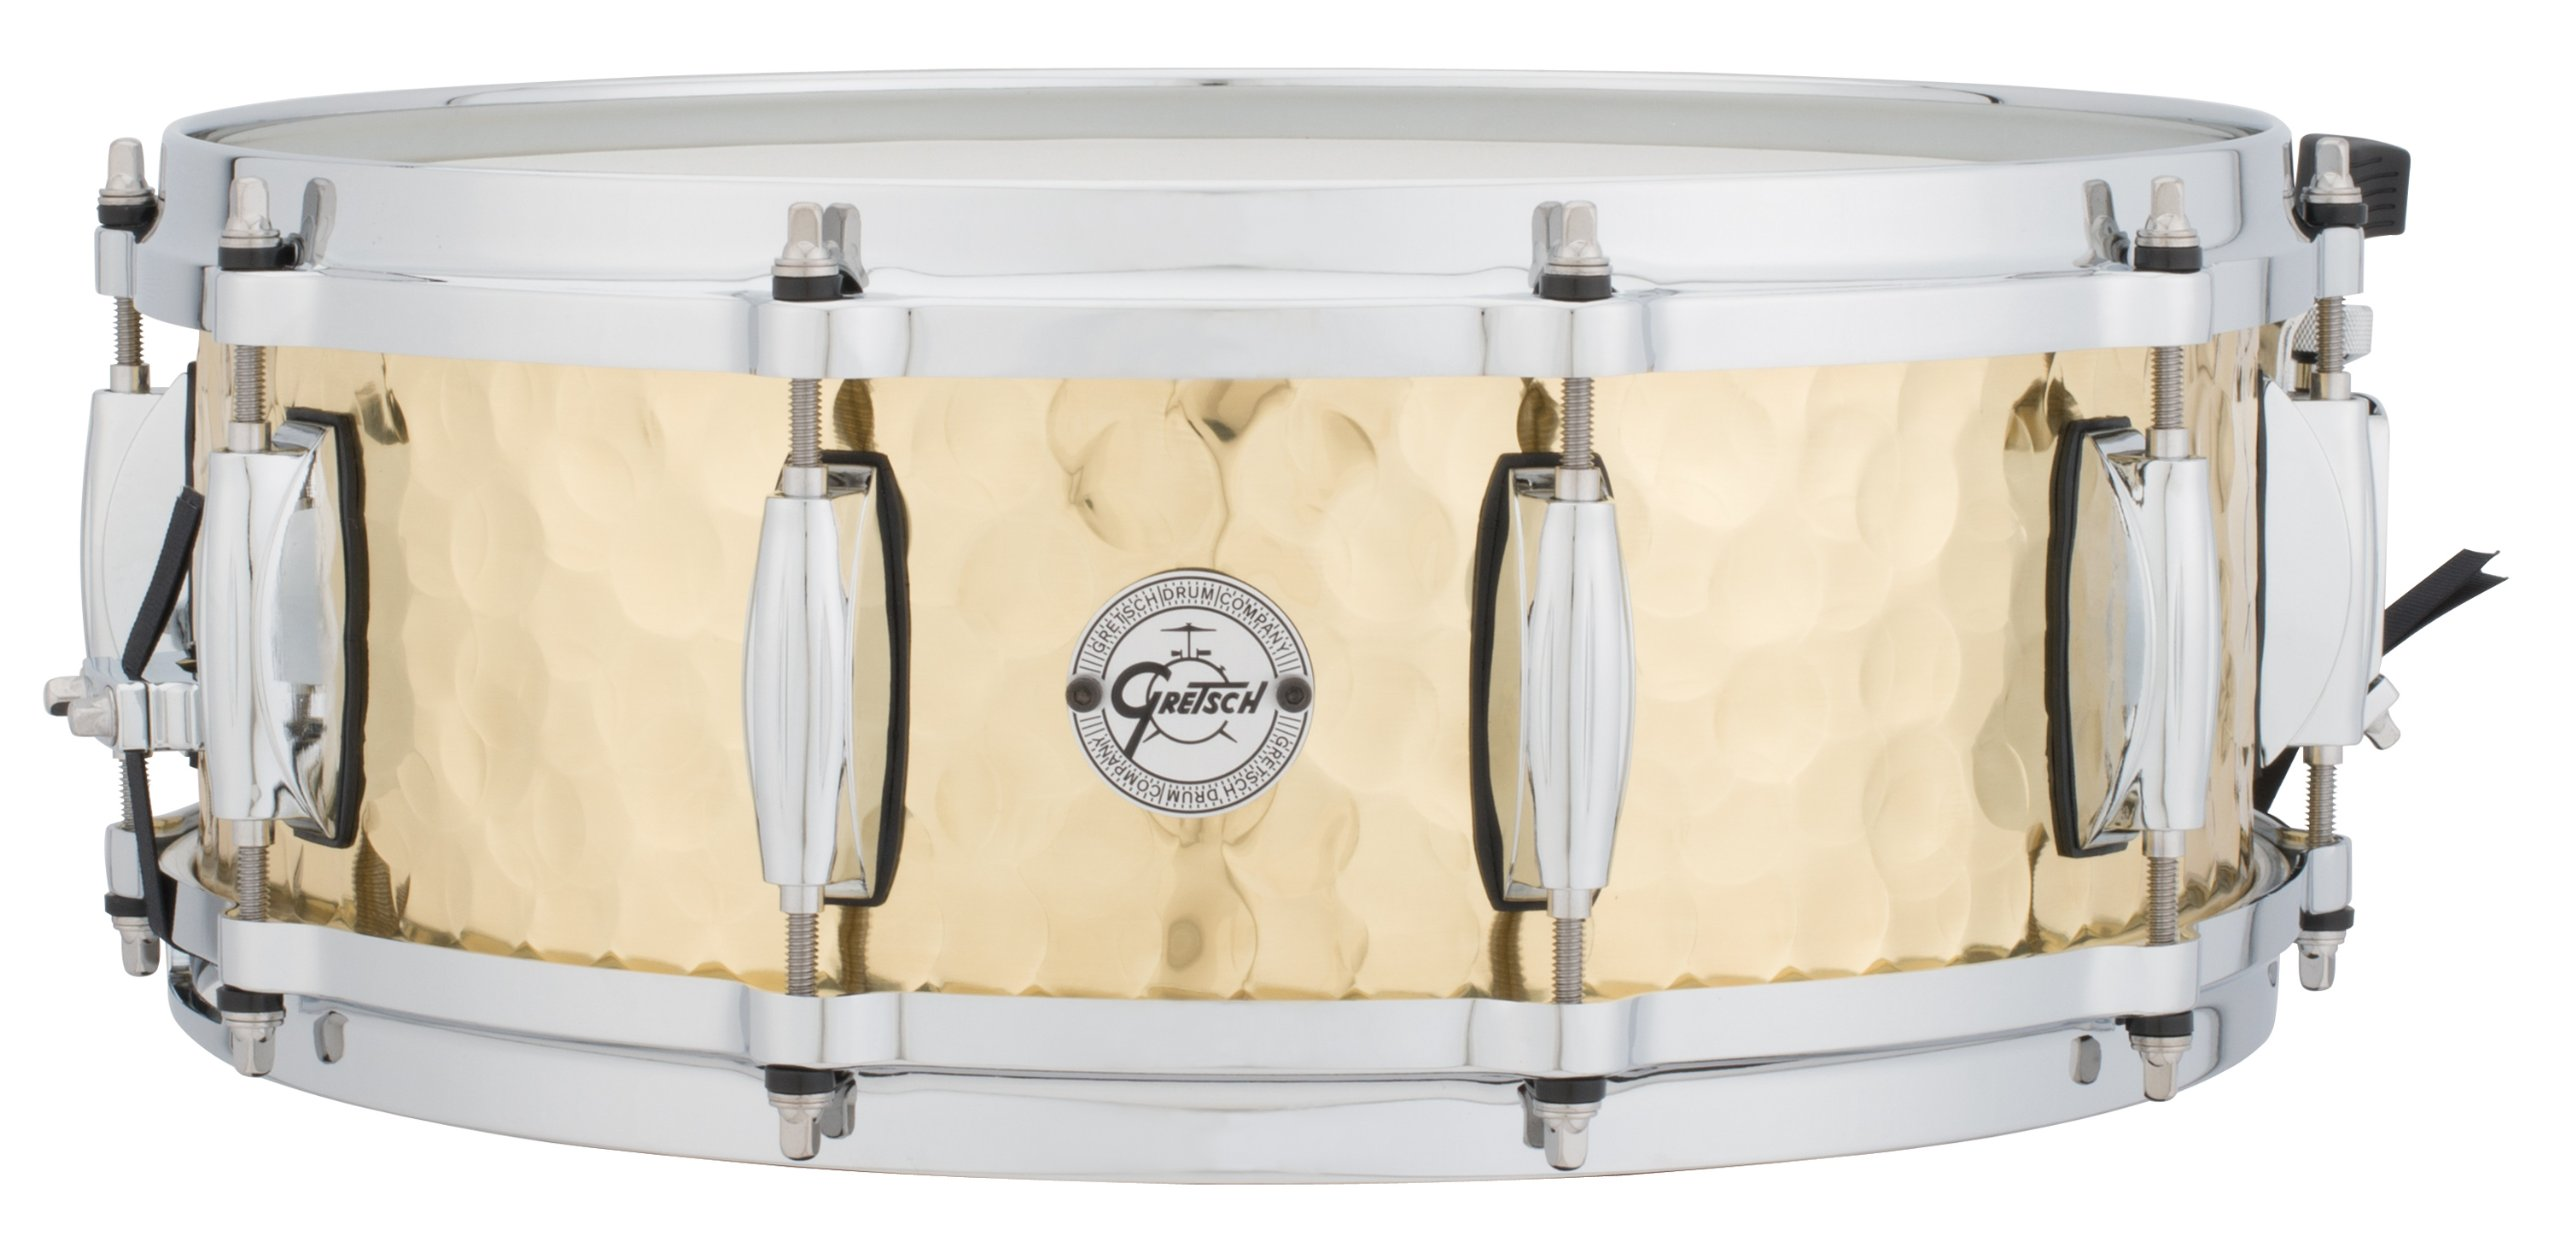 Gretsch Drums Full Range Series S1-0514-BRH 5x14'' Hammered Brass Snare Drum by Gretsch Drums